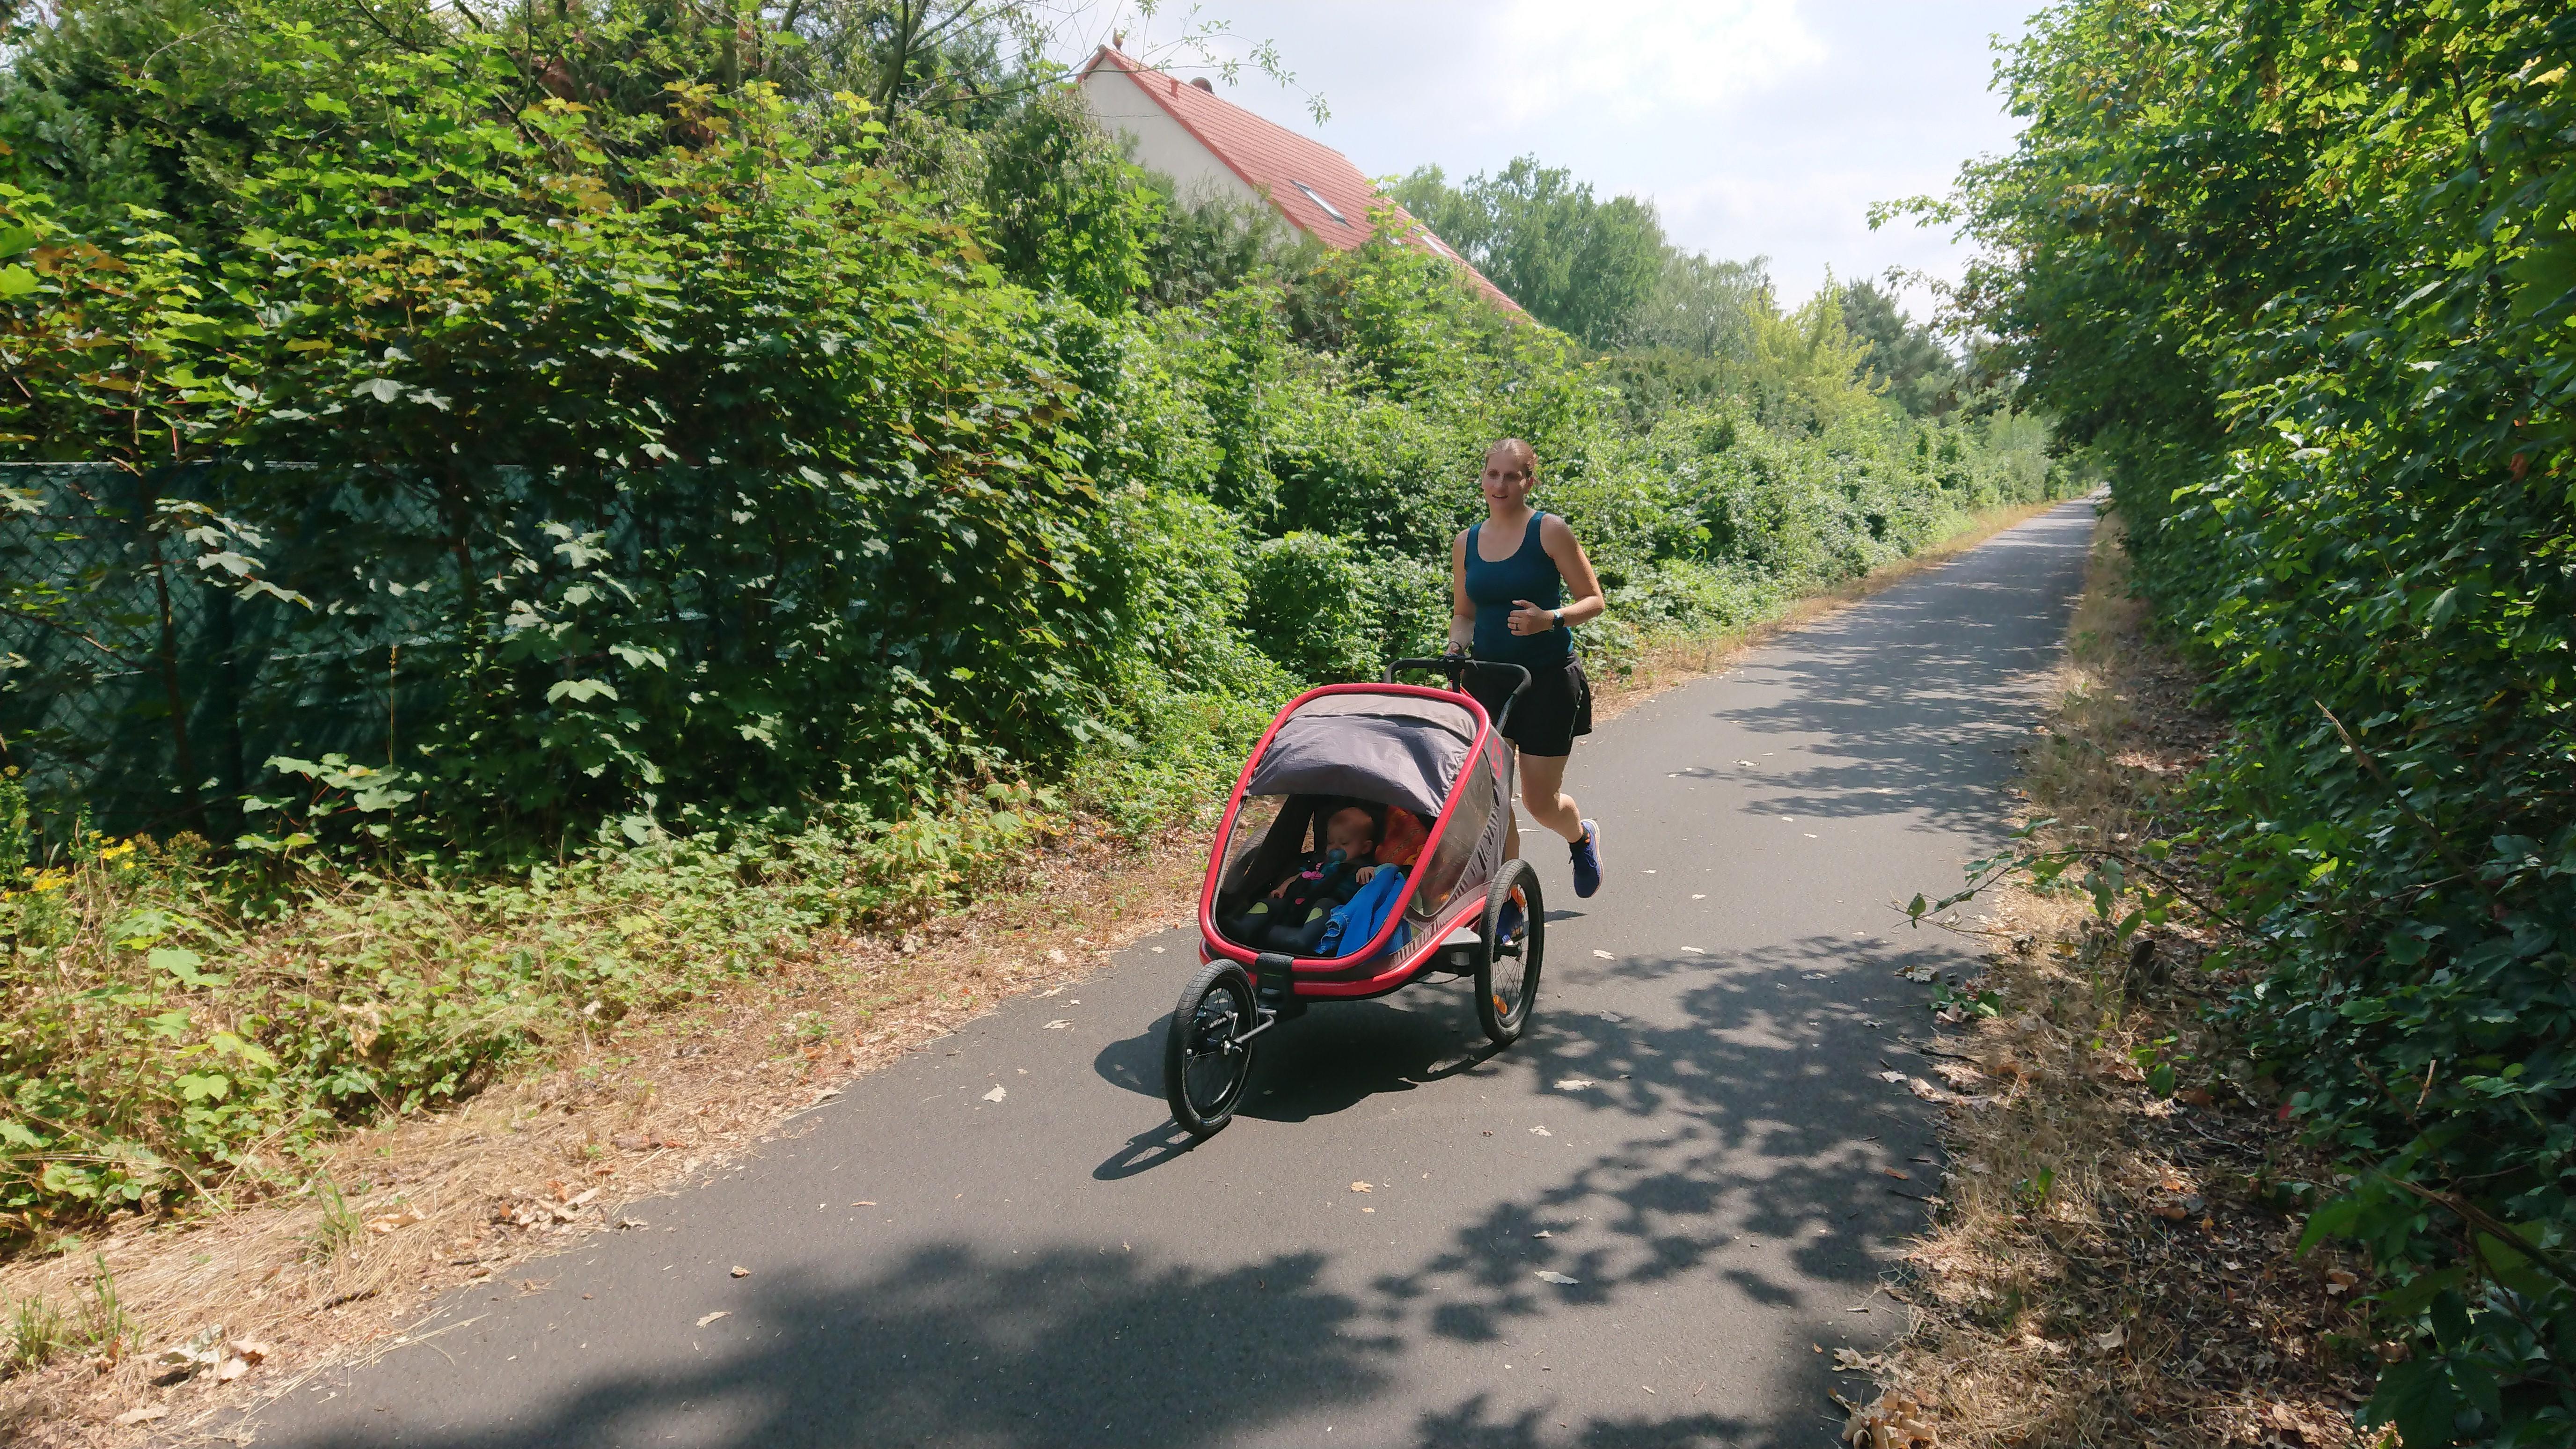 Hamax Outback im Einsatz - Joggen und Walken mit Baby